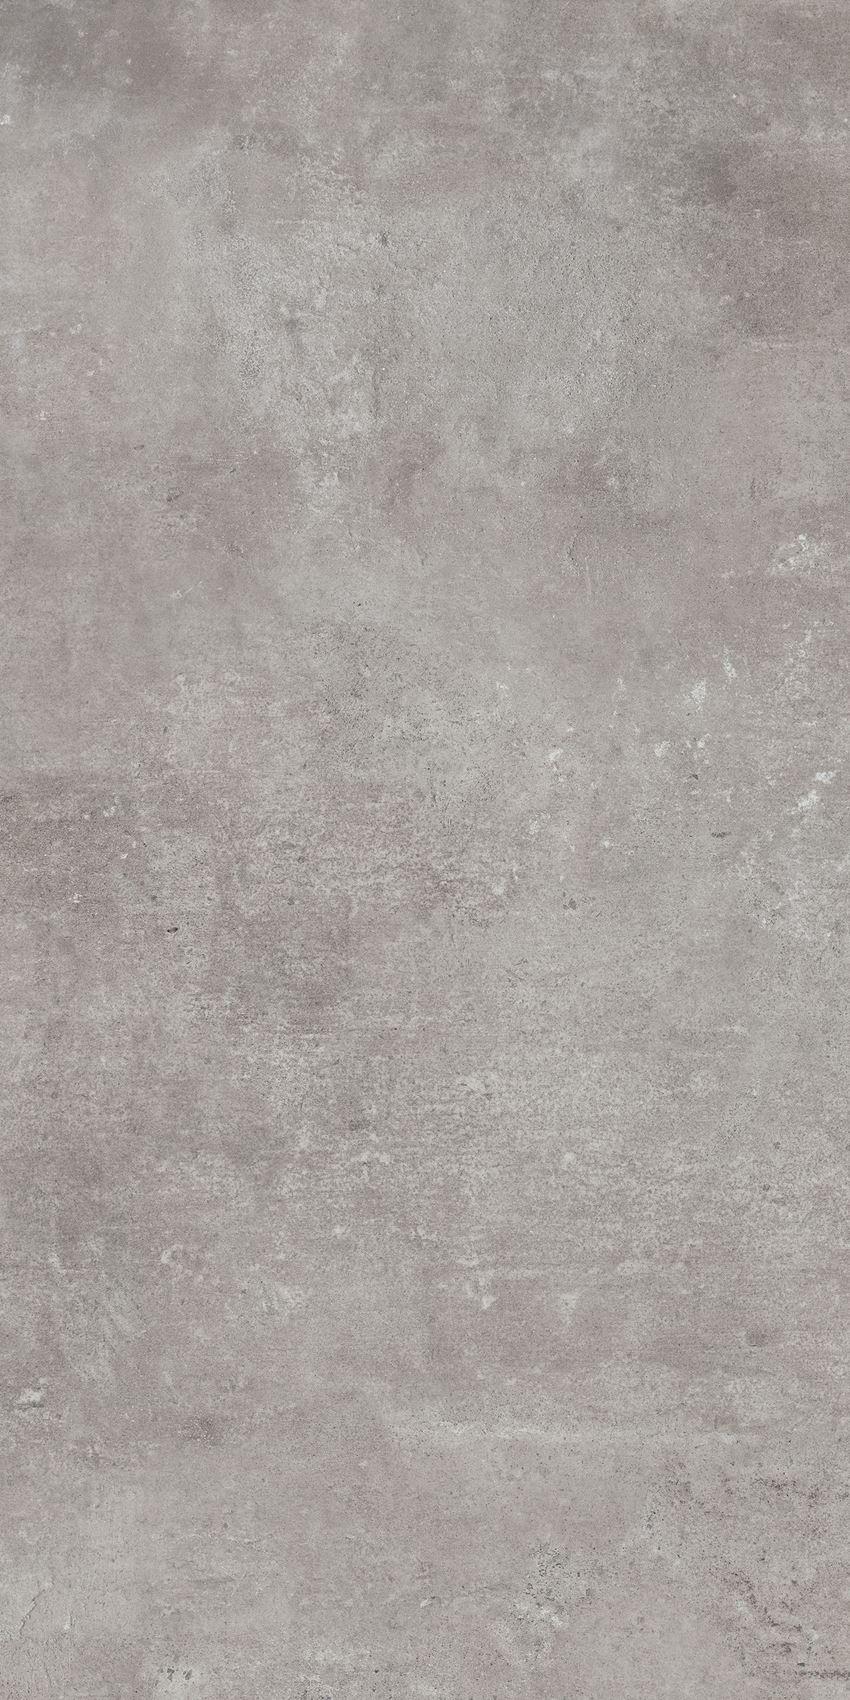 Płytka ścienno-podłogowa Cerrad Softcement silver 60x120